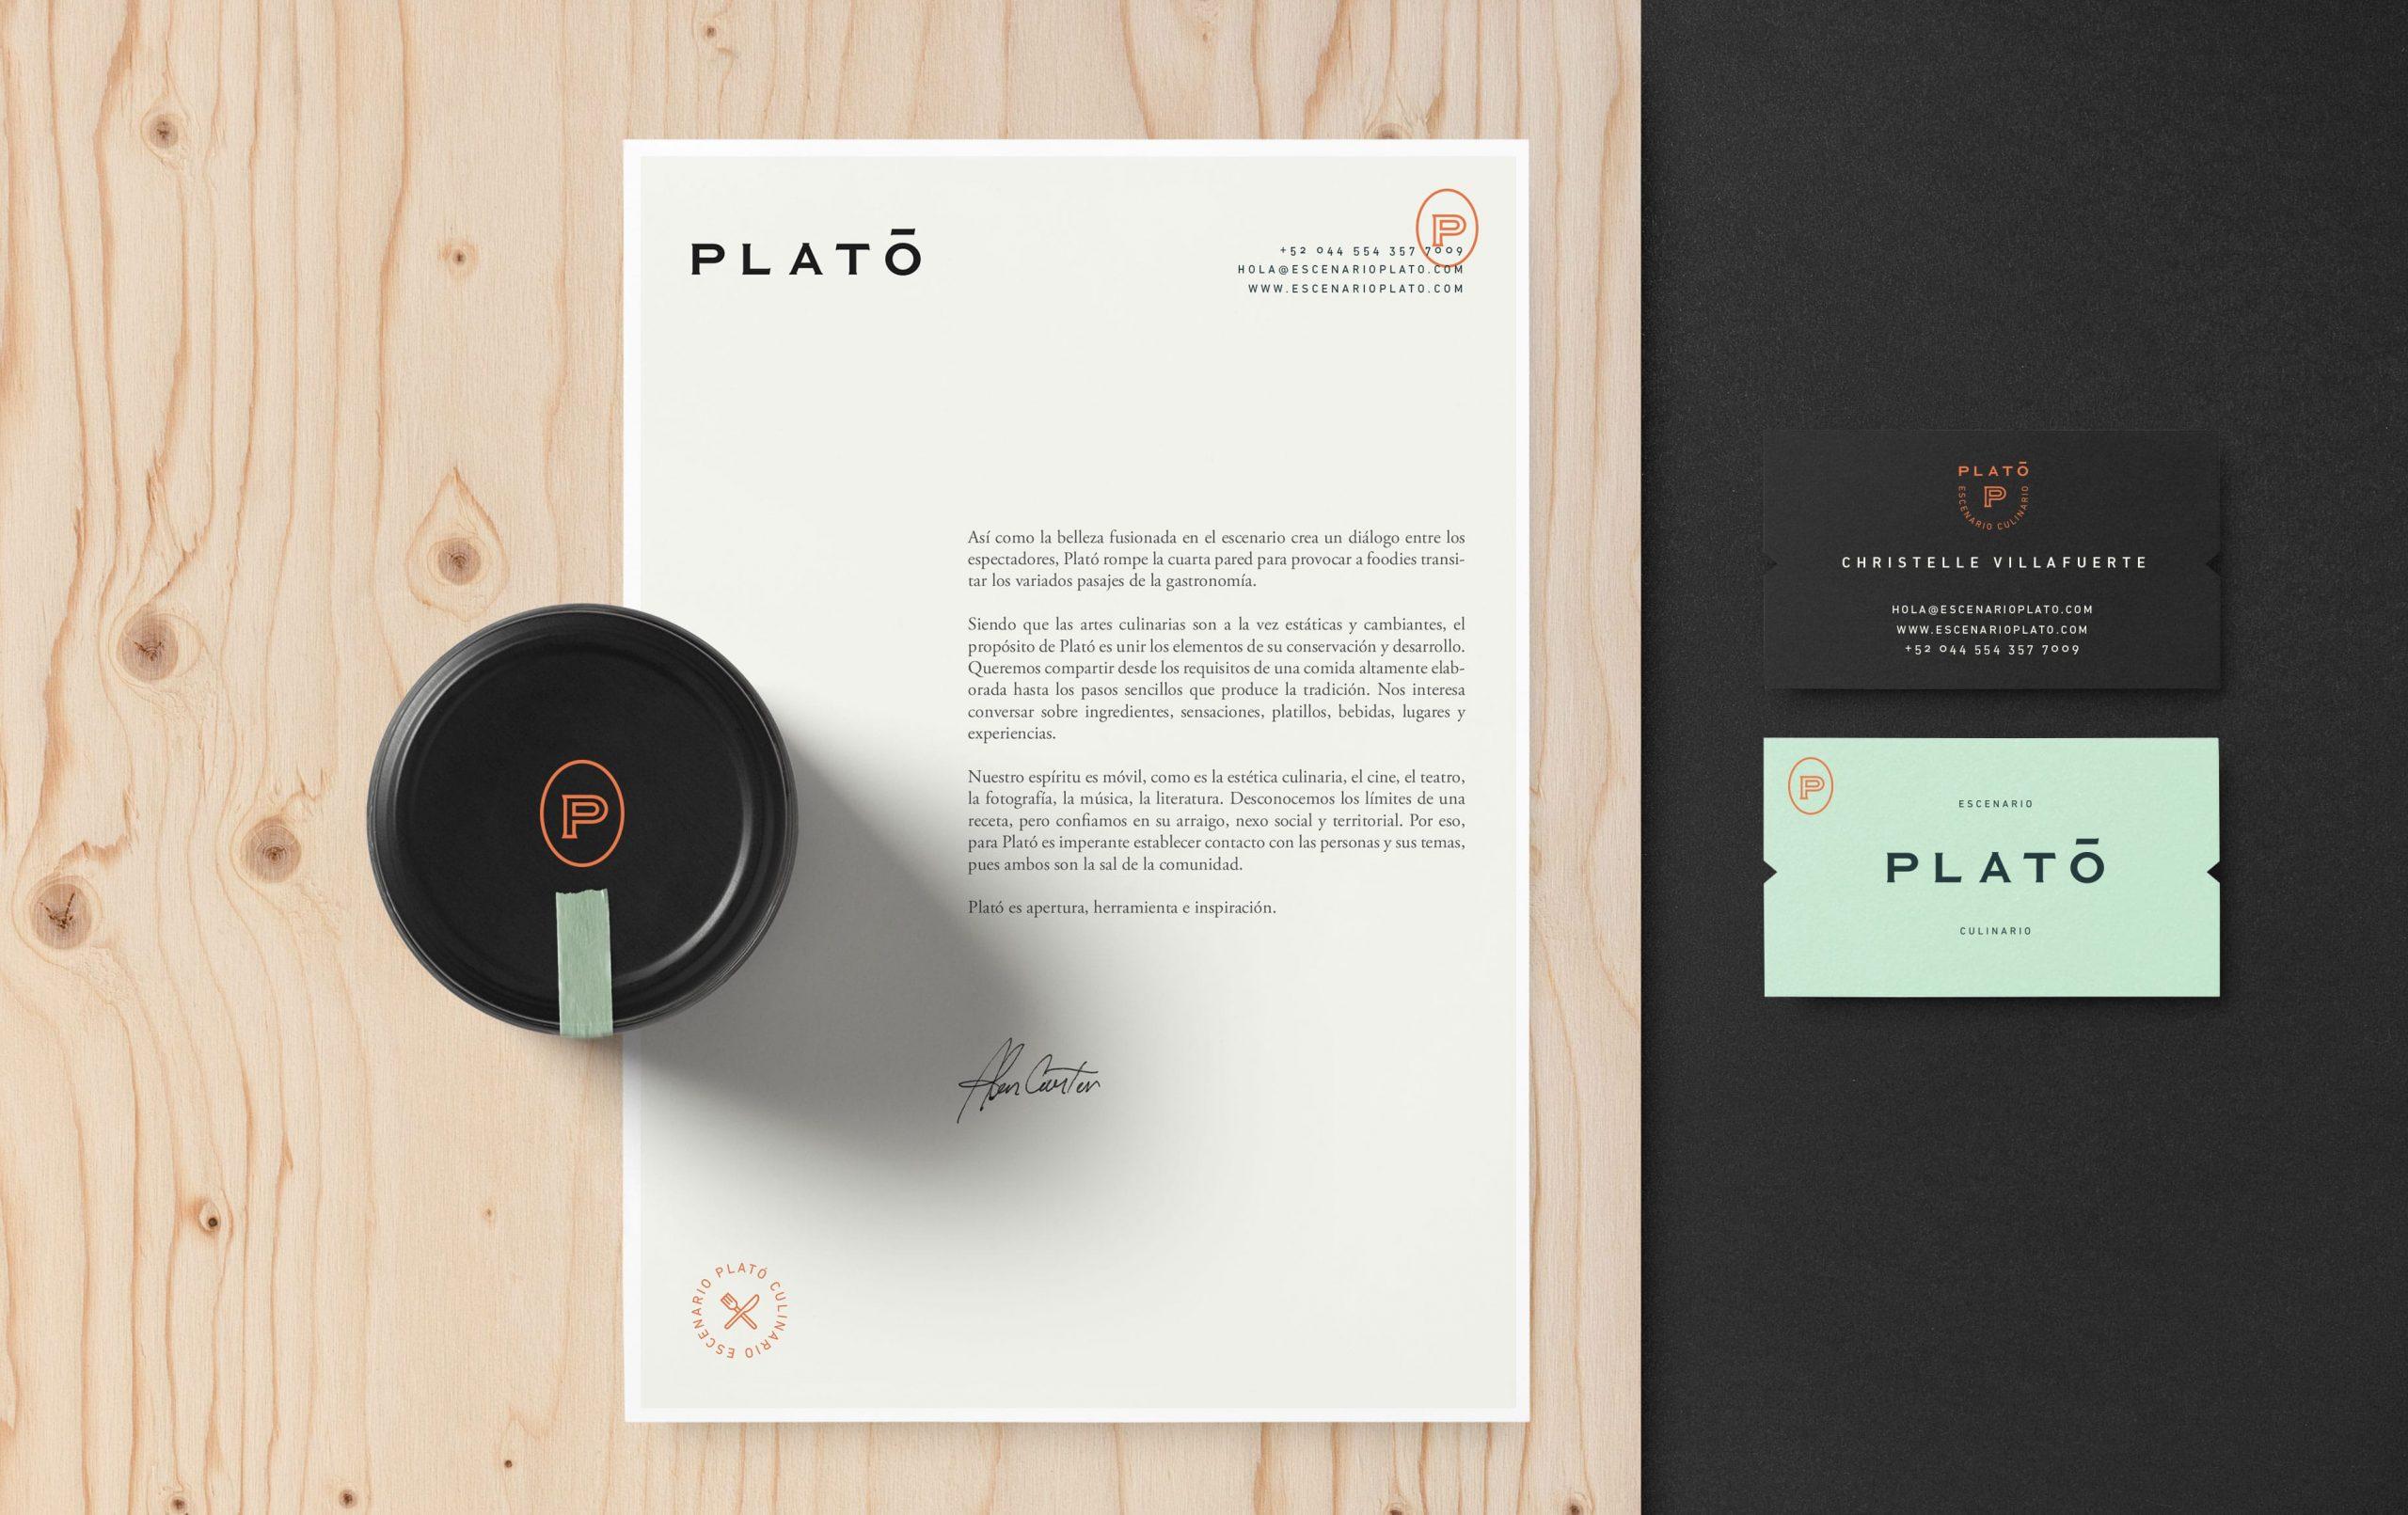 PLATO-BY-TRECEVEINTE-07